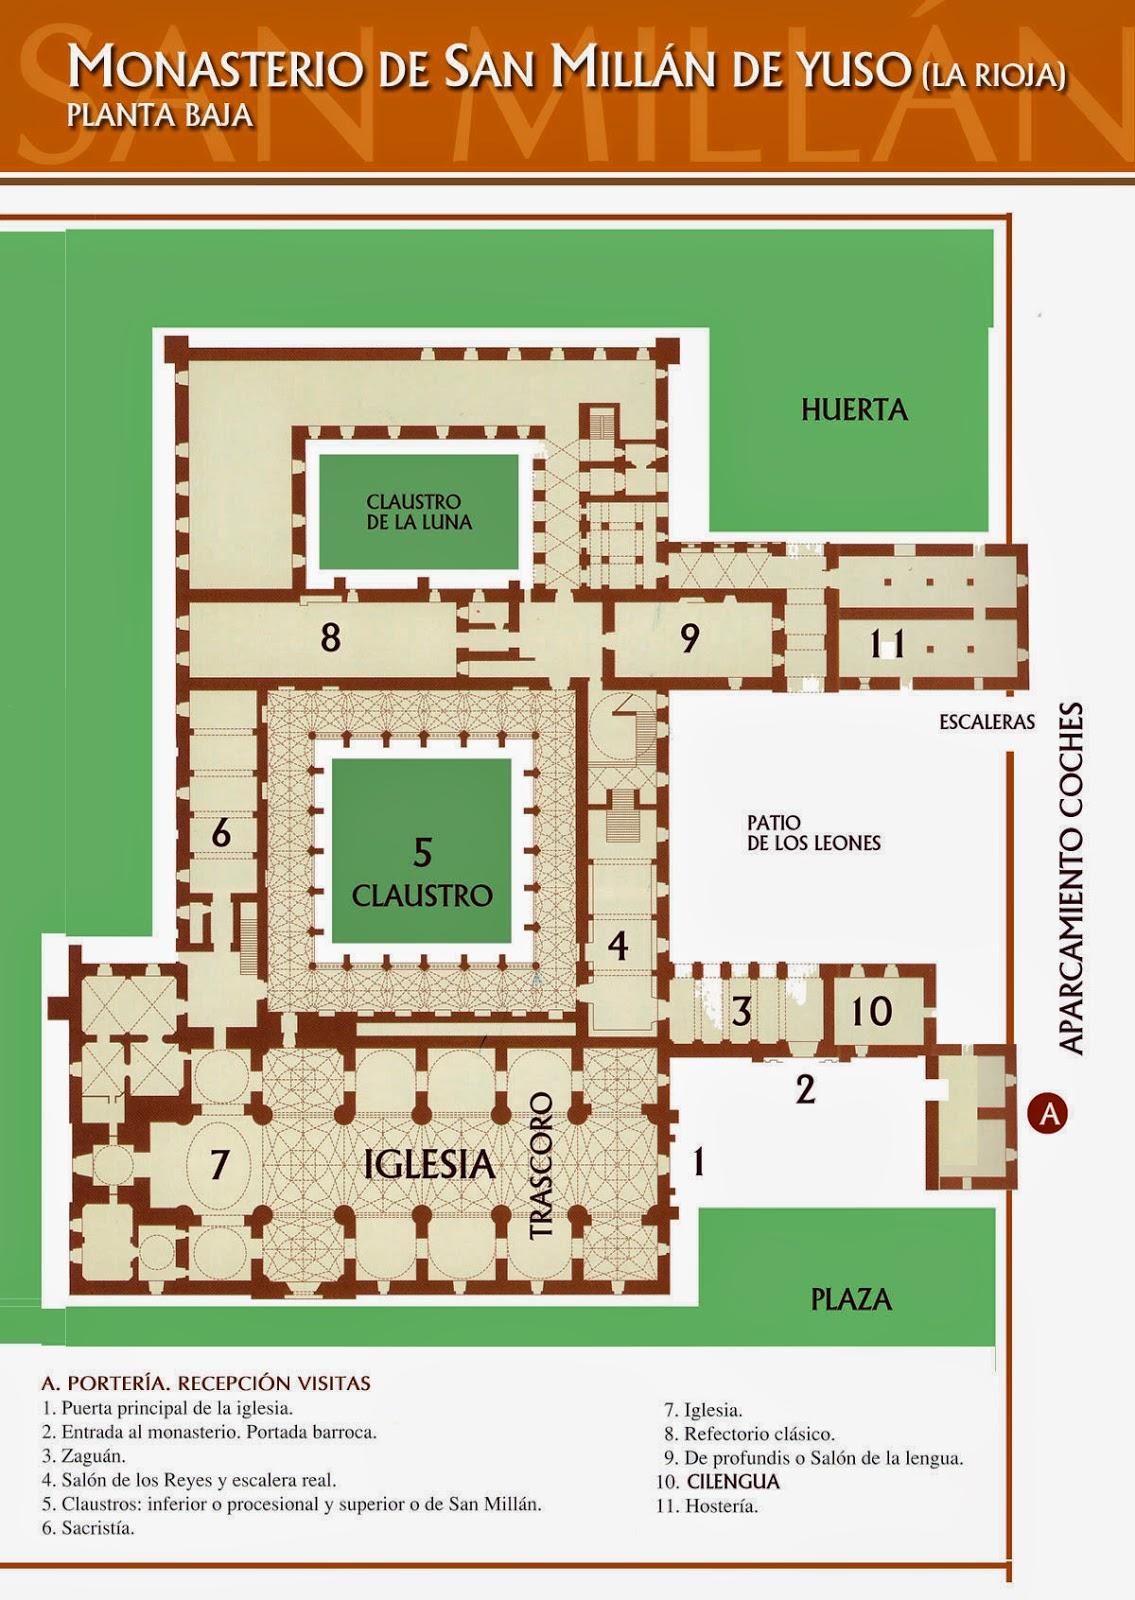 Plano del Monasterio de Yuso.